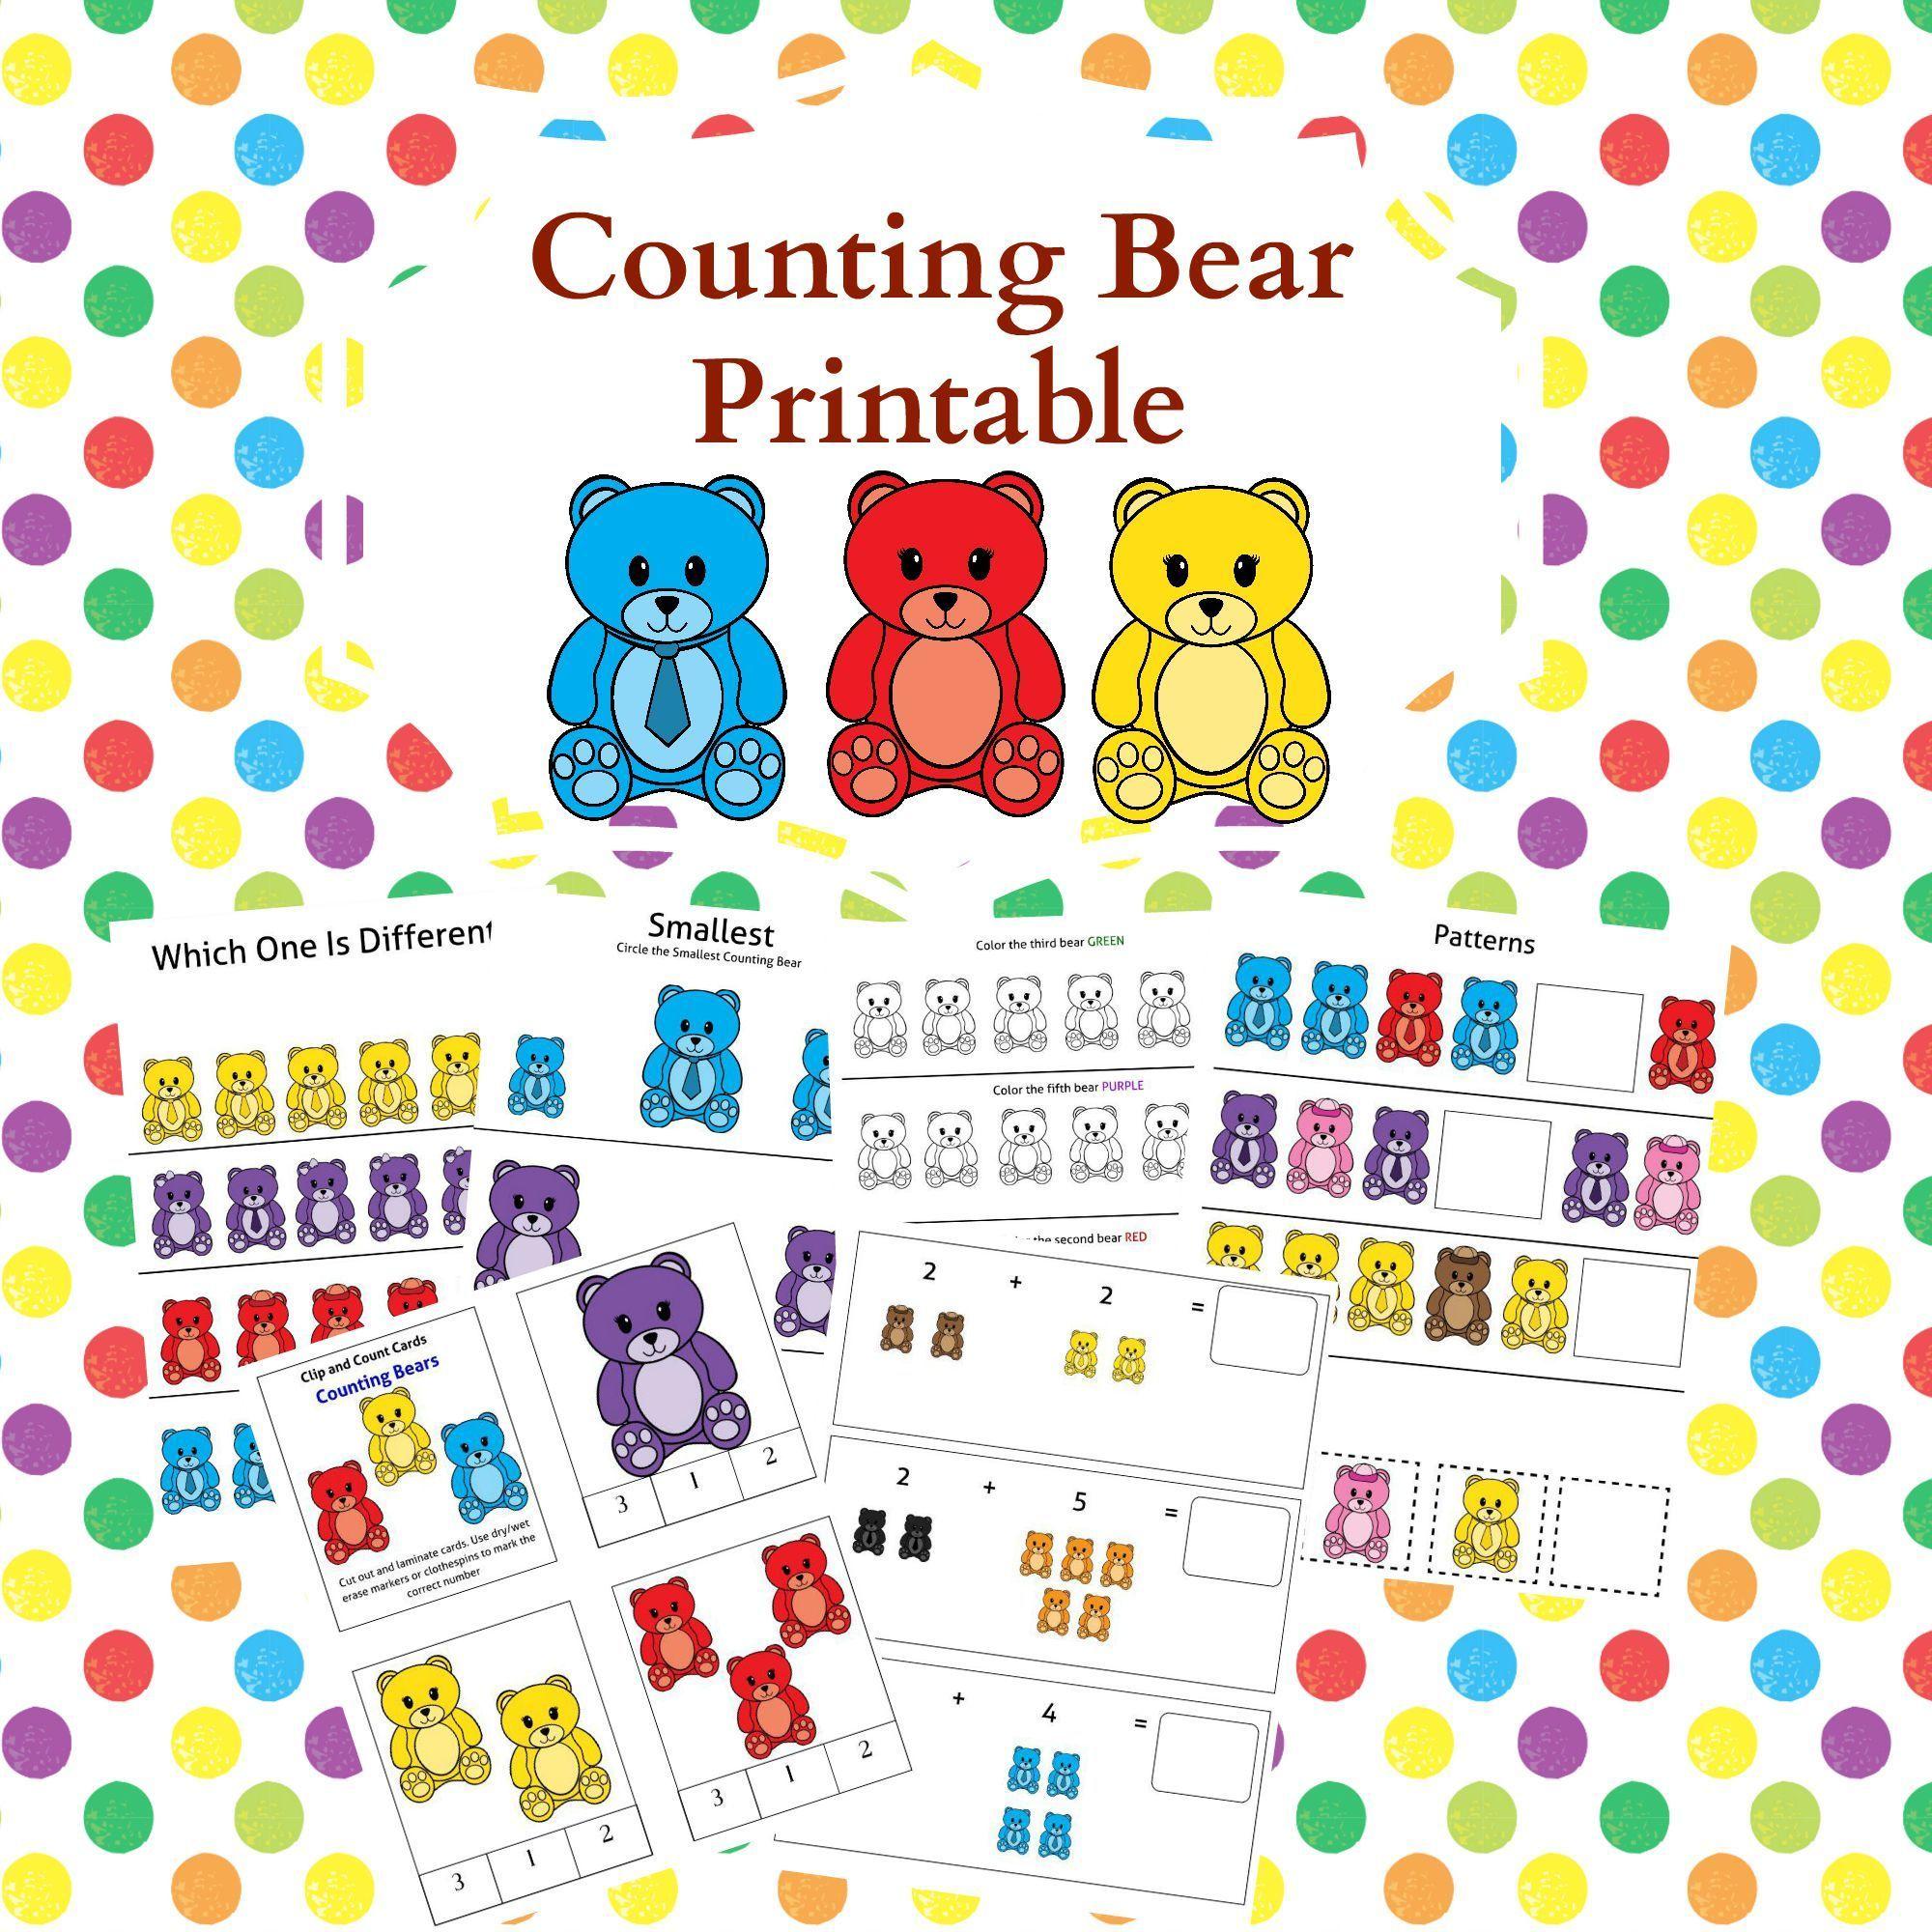 Counting Bears Printable